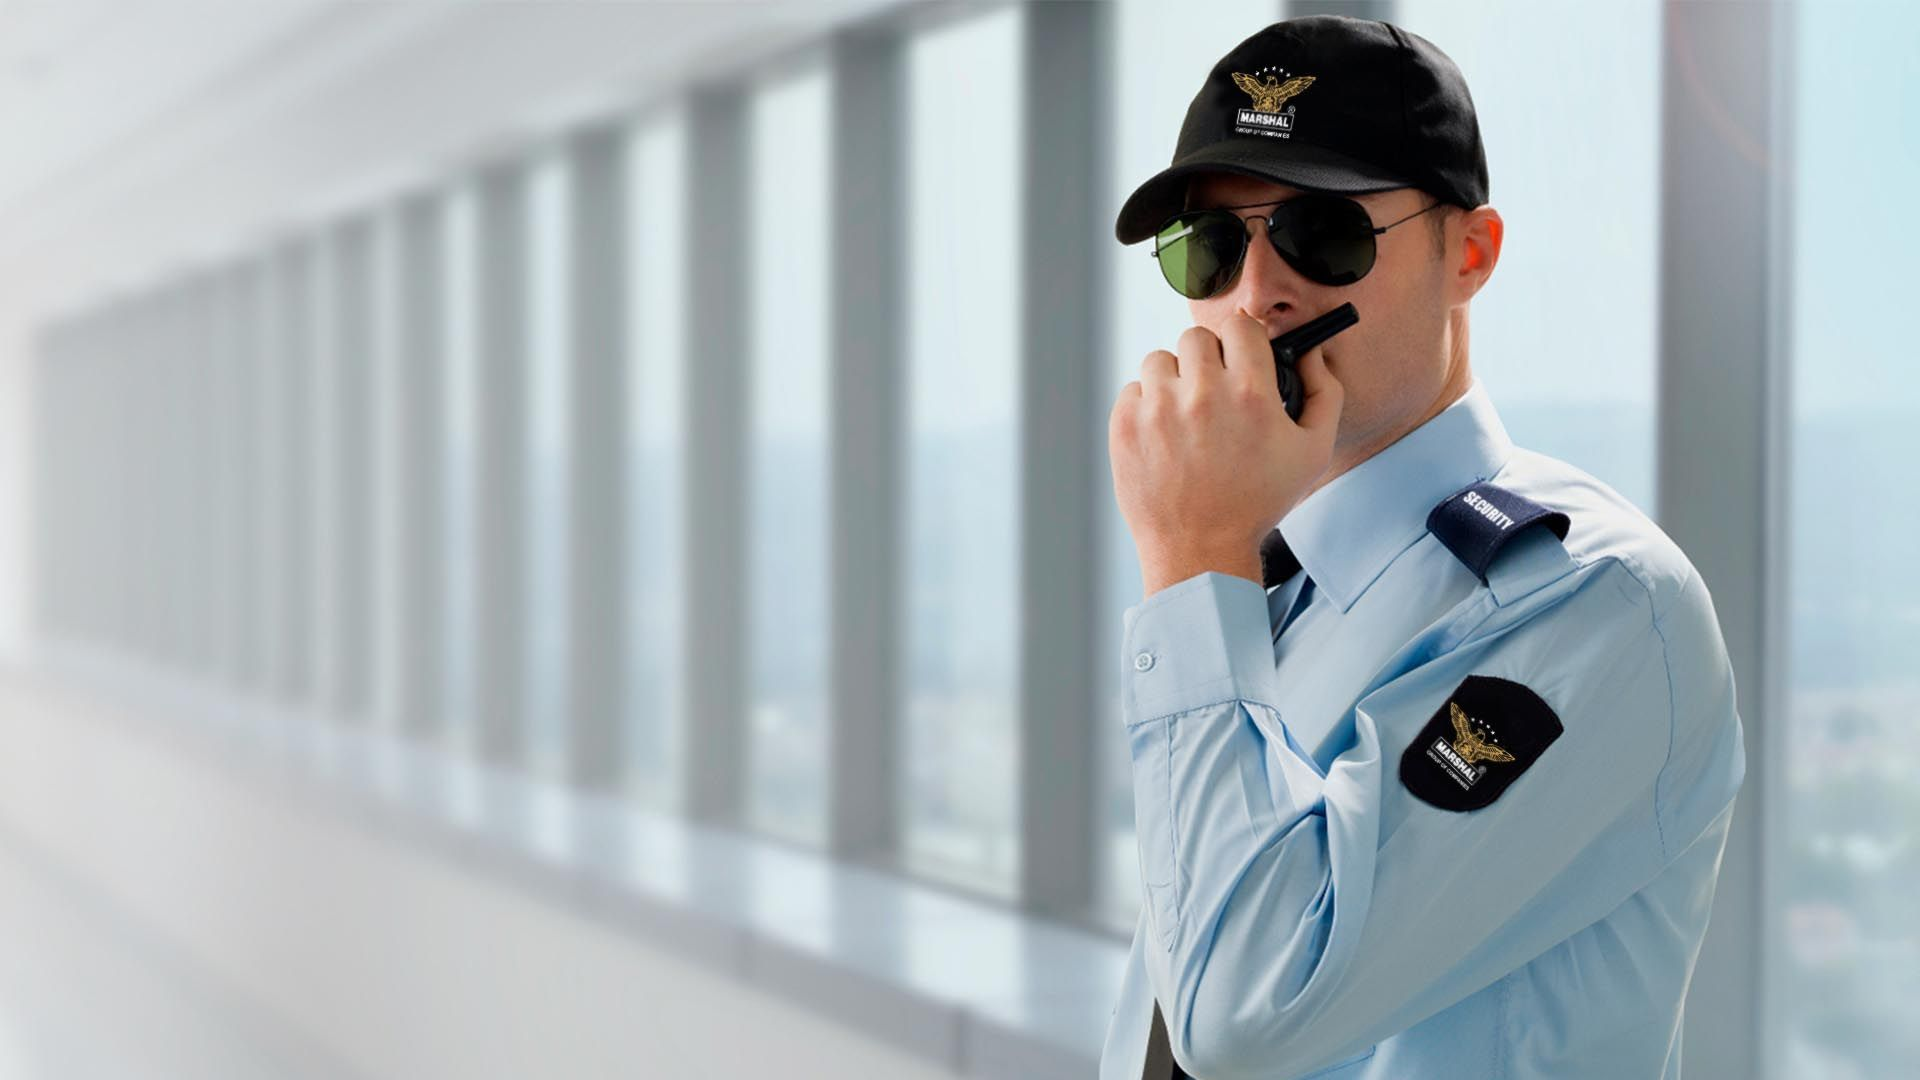 Рекомендации по использованию credential guard в защитнике windowsconsiderations when using windows defender credential guard